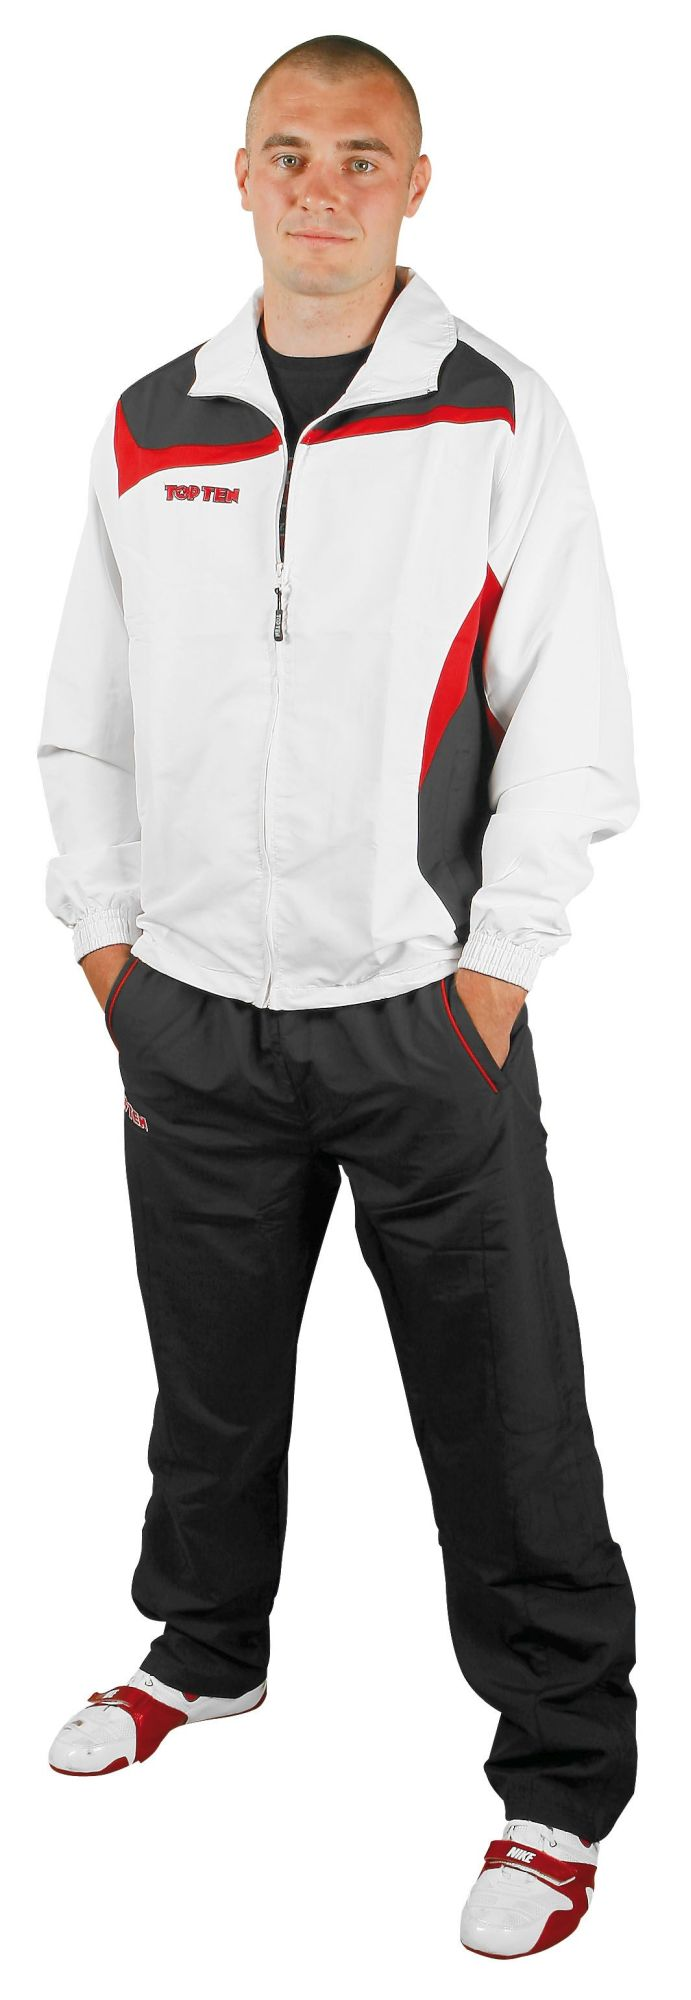 """TOP TEN Trainingspak """"Premium Class"""" met zwarte broek voor kinderen Wit - rood"""